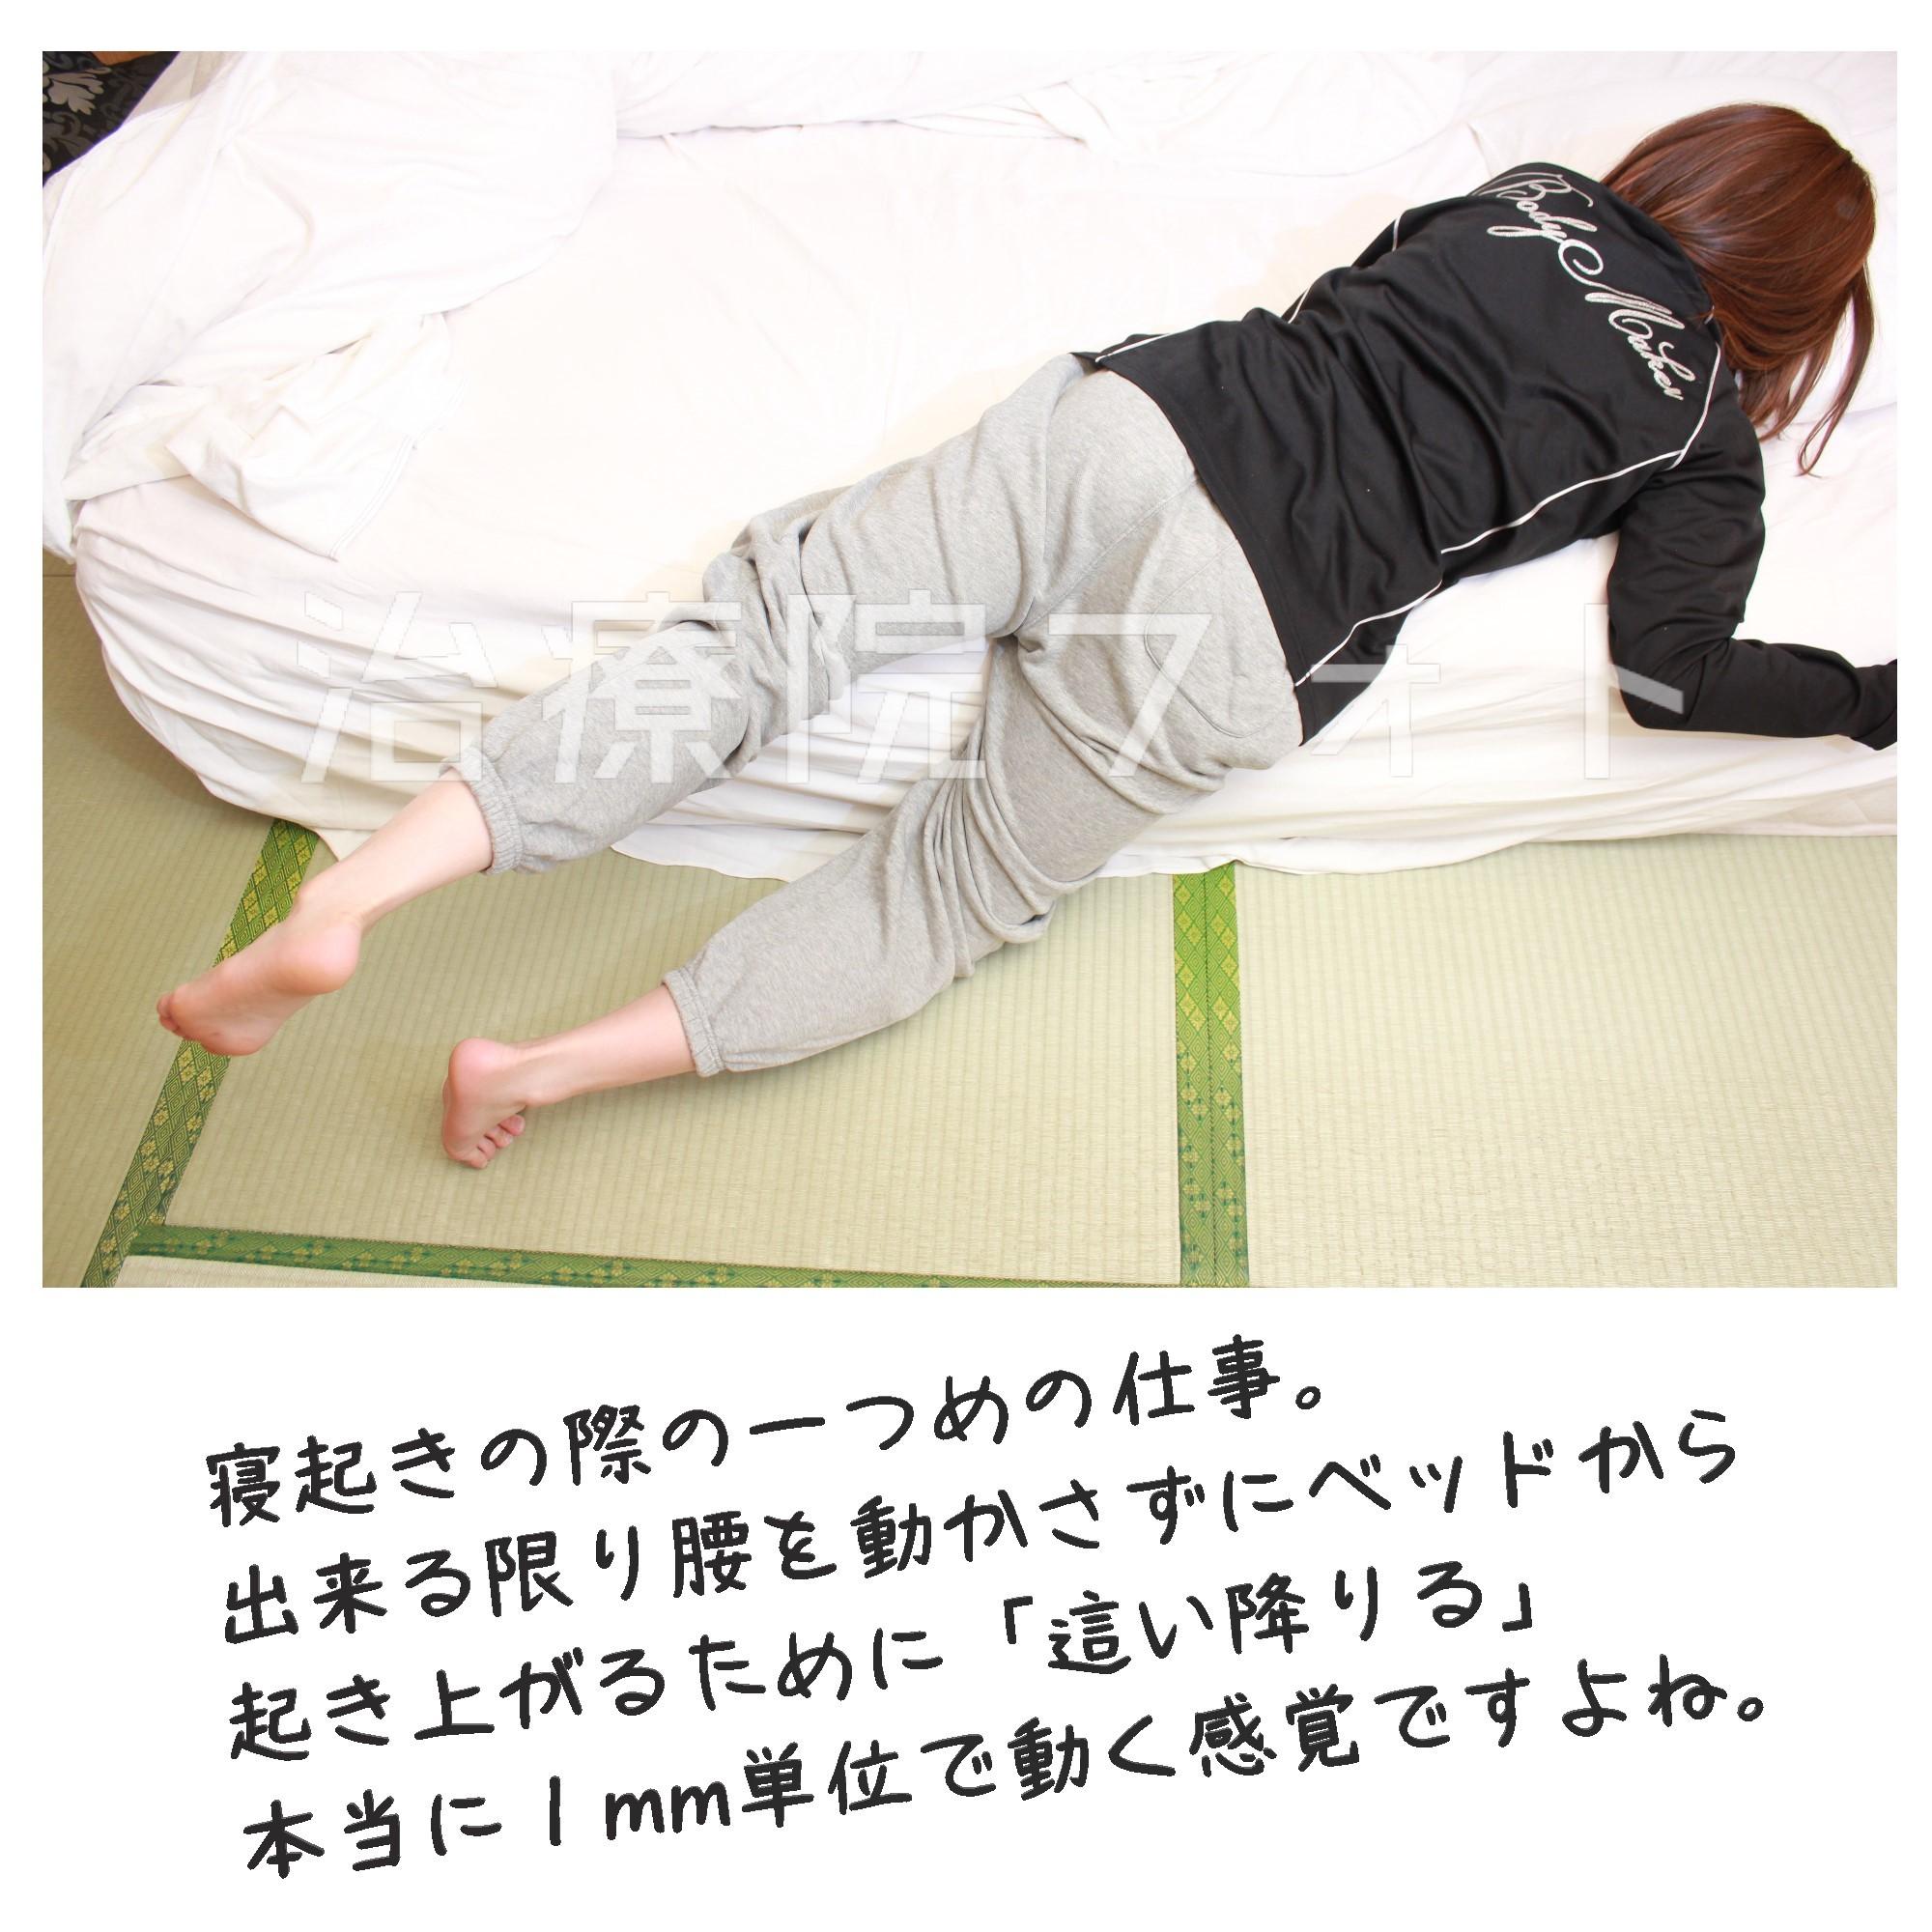 寝起き1 ベッドから這い降りる その1